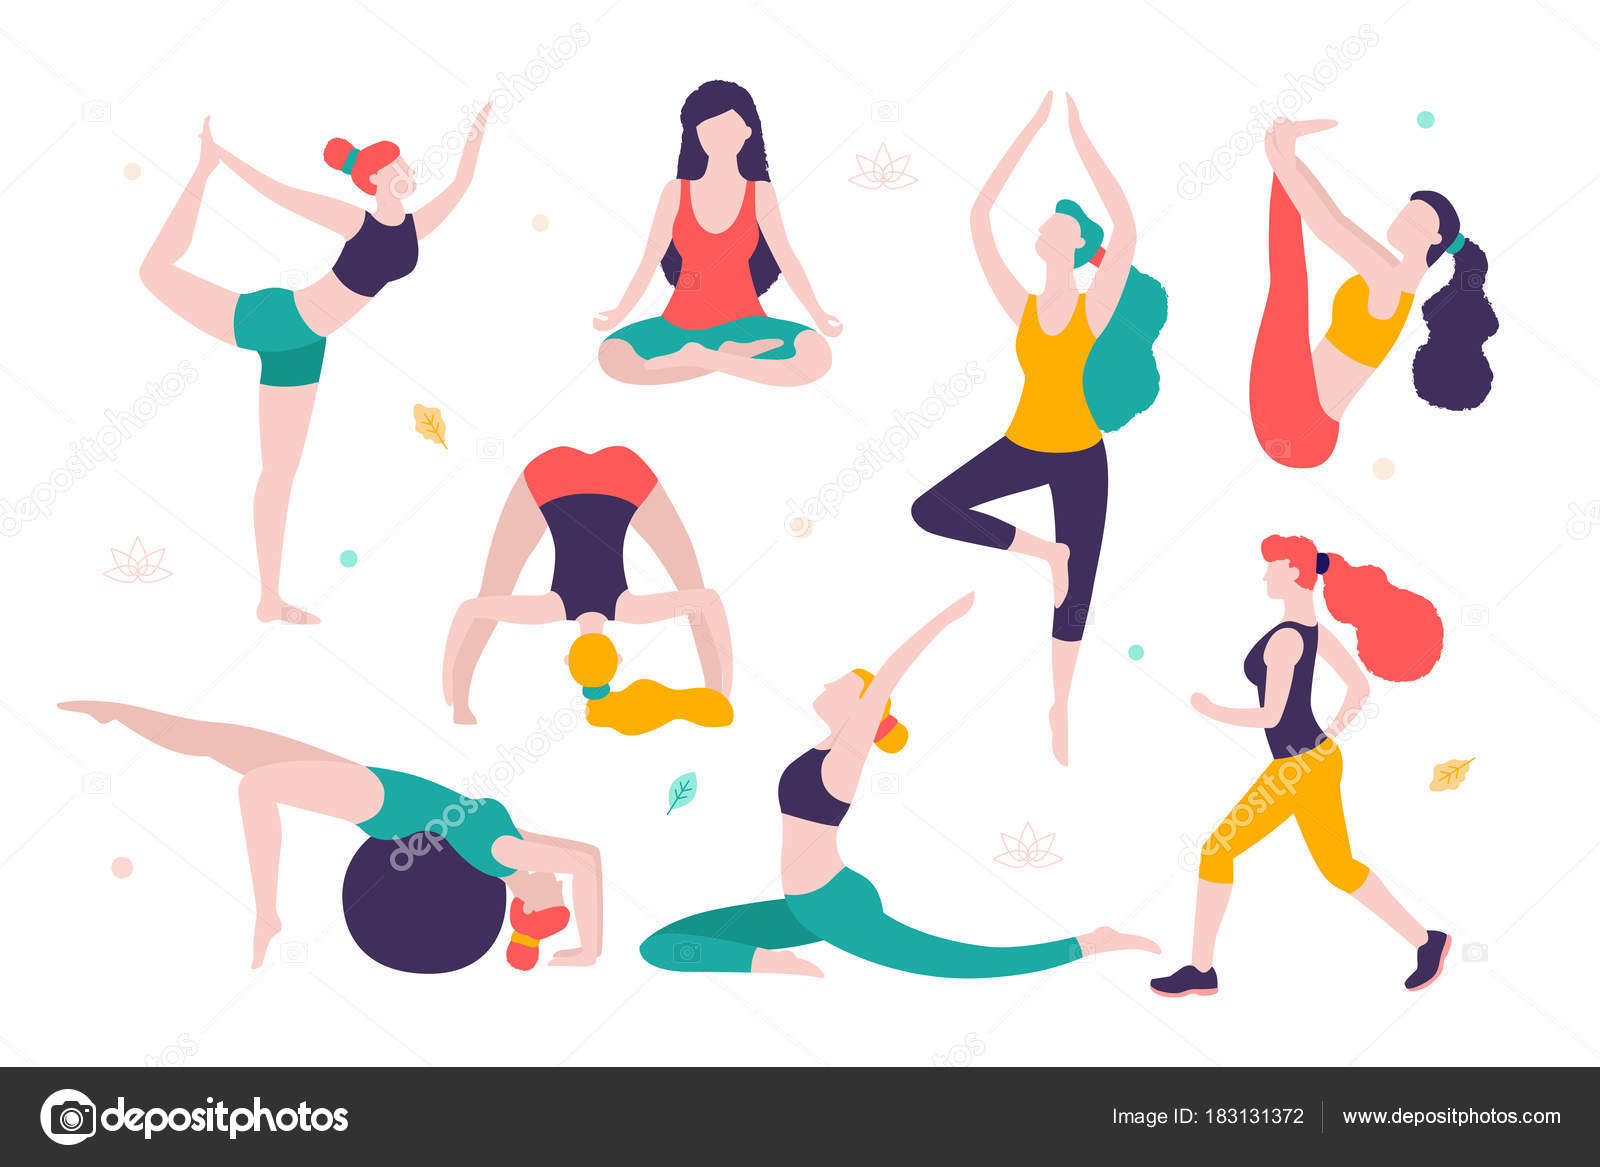 Deportes Diferentes Deportes: Mujeres Haciendo Deportes. Diferentes Posturas De Yoga